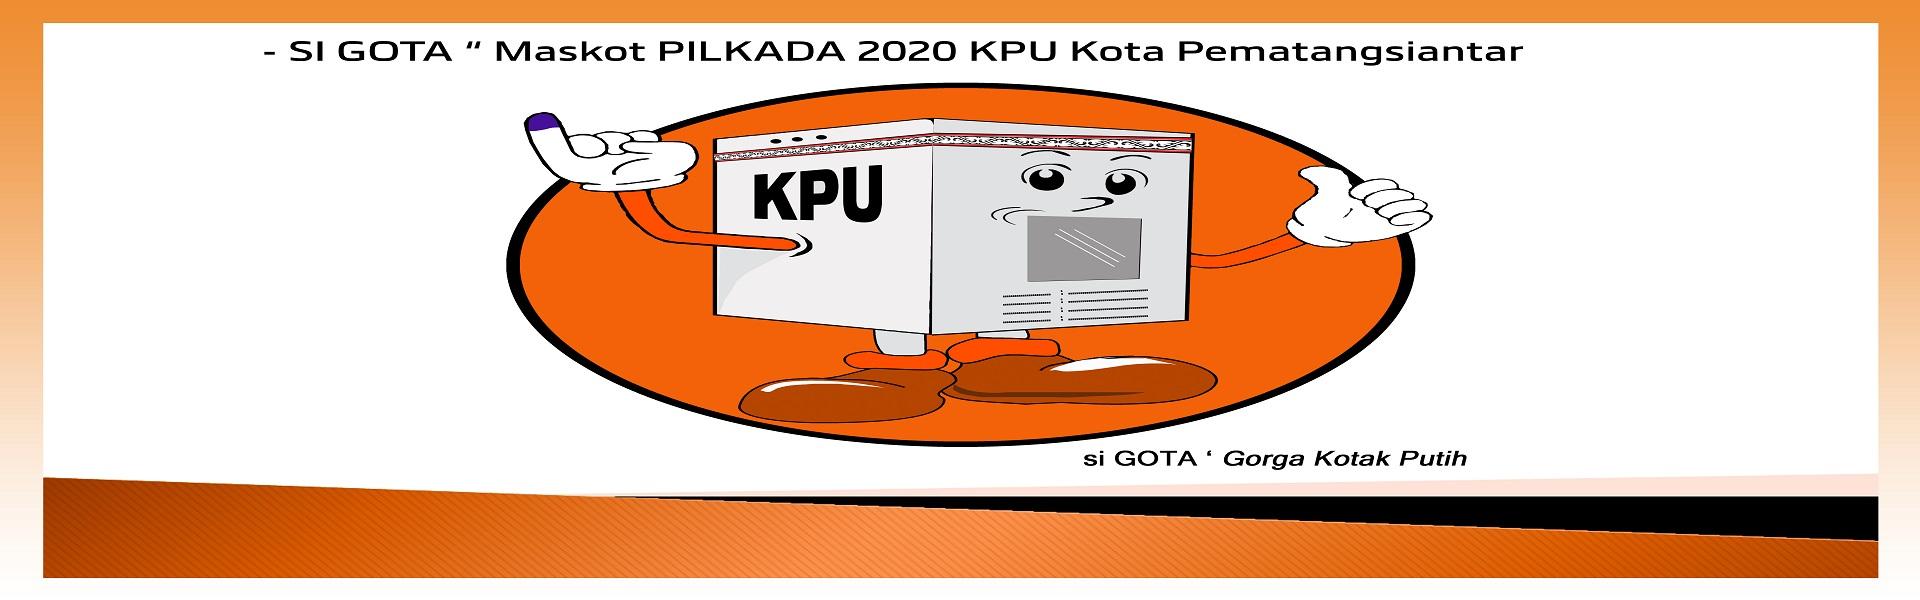 Maskot Pemilihan Serentak Tahun 2020 KPU Kota Pematangsiantar